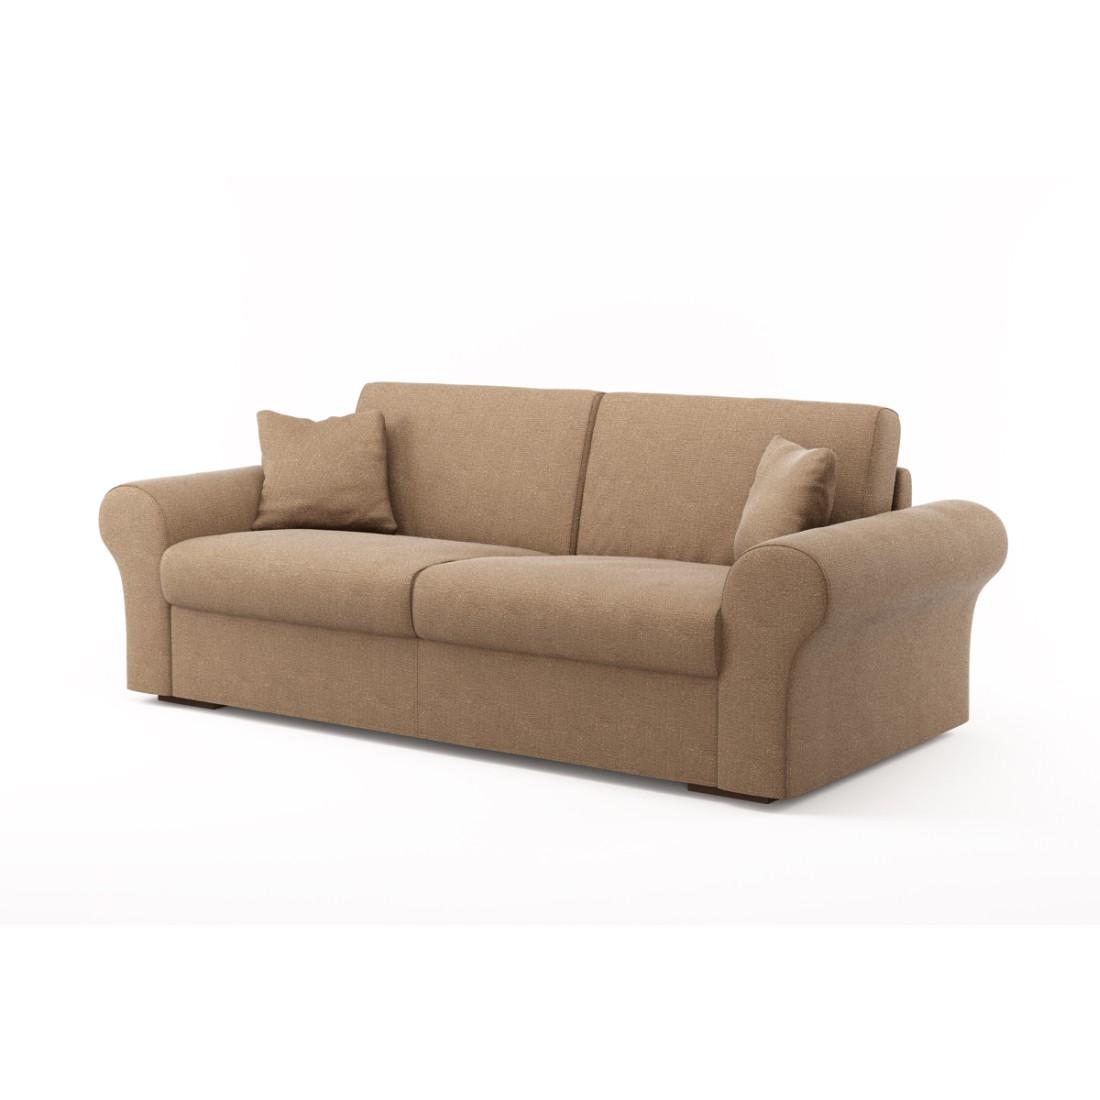 Schlafsofa Novo (3-Sitzer) – Luna Comfort 6 157 (Weizen), Von Wilmowsky online bestellen